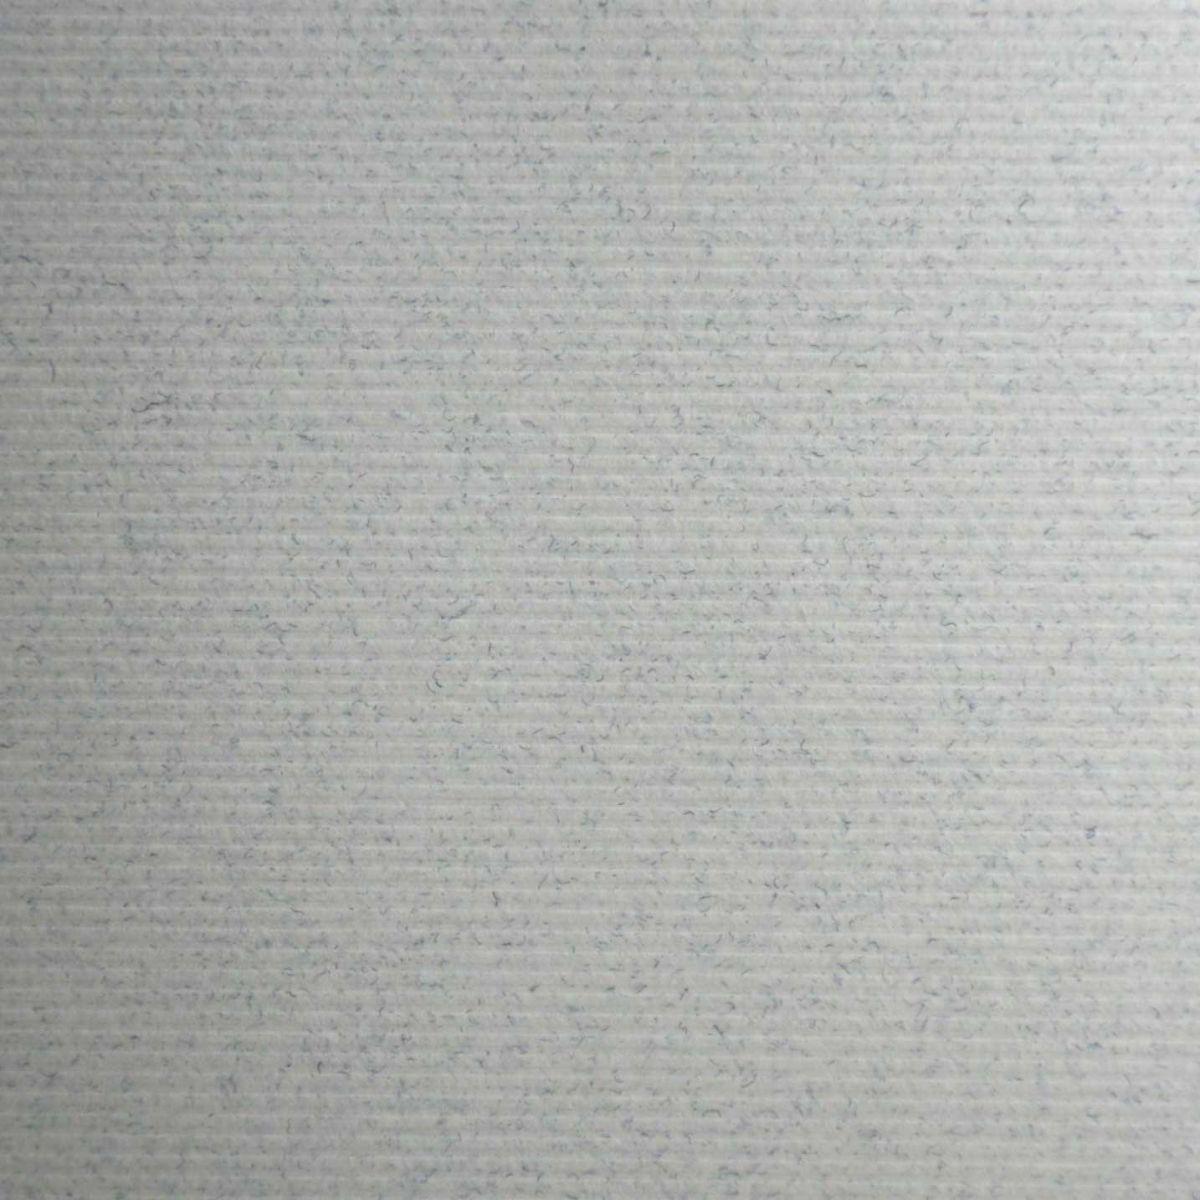 Papel Marrakech TX Trigo Microcotelê - 180g